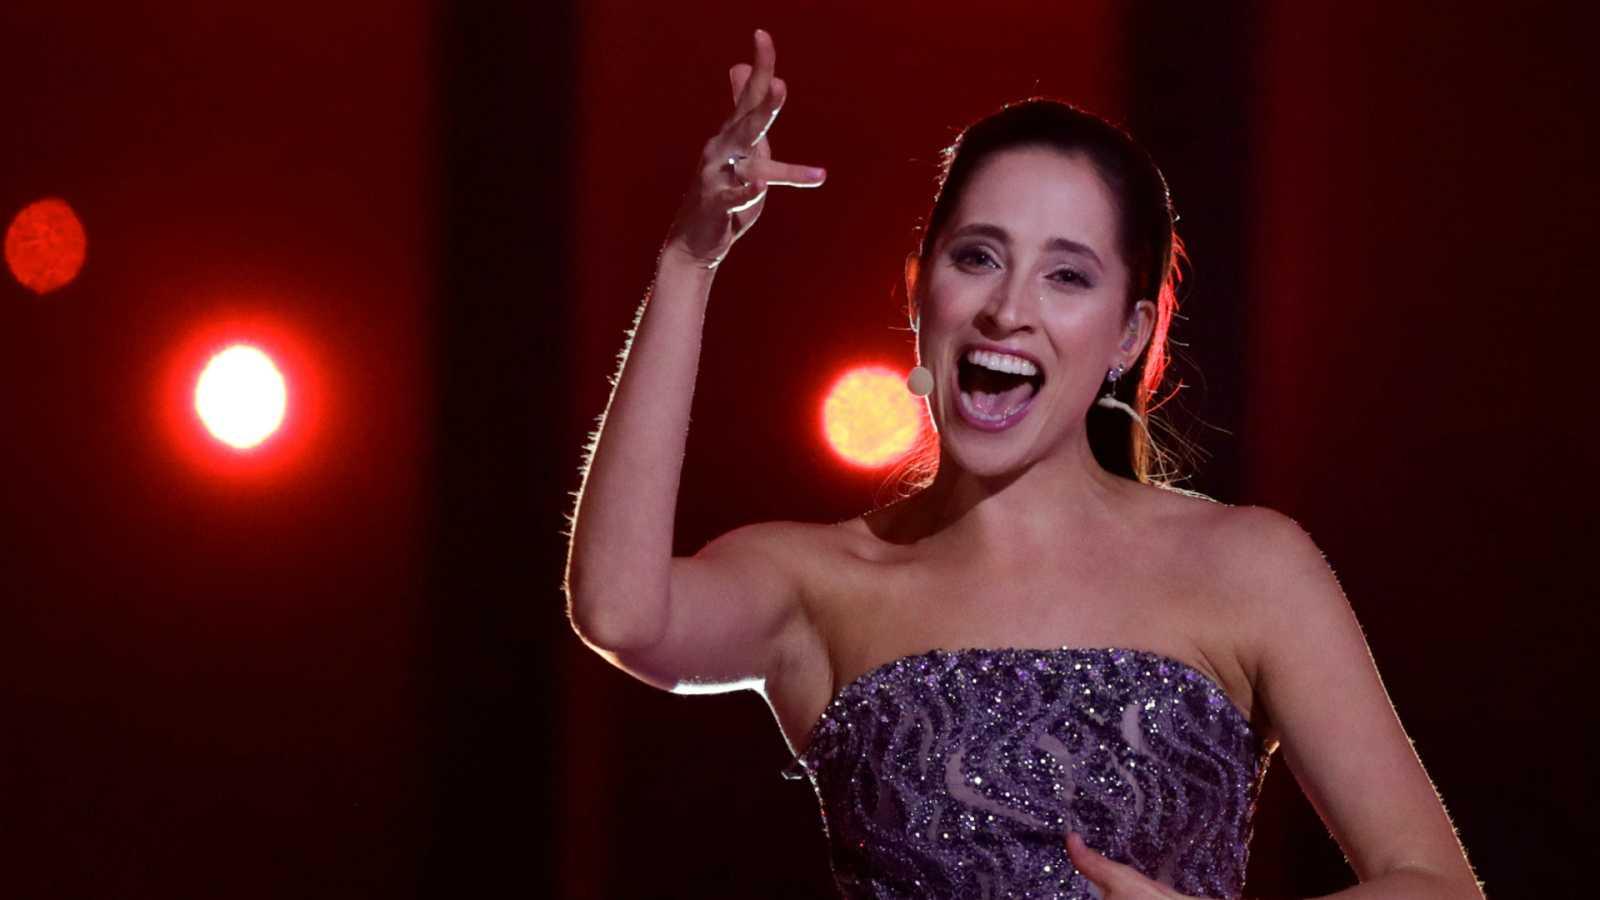 """Eurovisión - Estonia: Elina Nechayeva canta """"La forza"""" en la primera semifinal de Eurovisión 2018"""